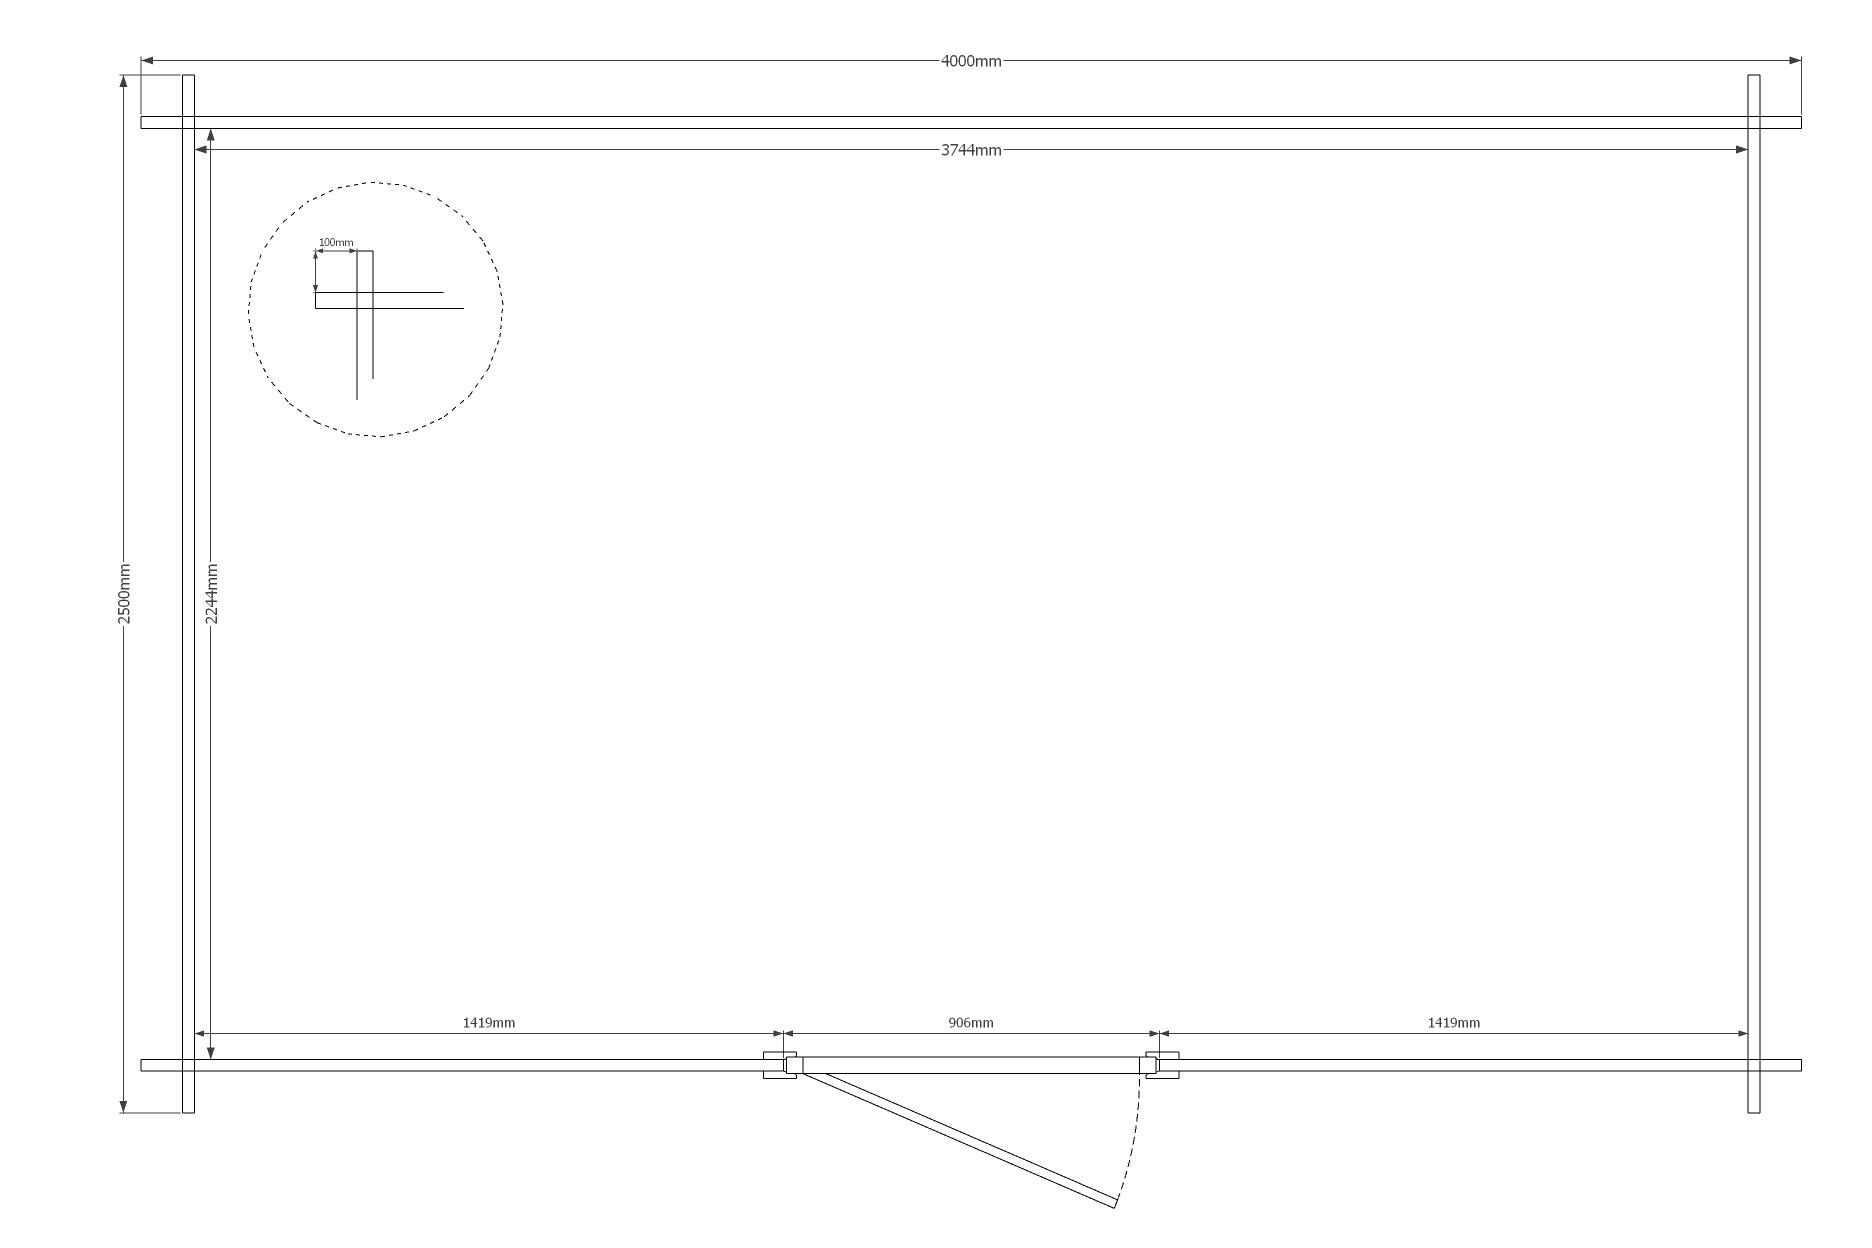 DWF Blokhut kapschuur 400 x 250cm